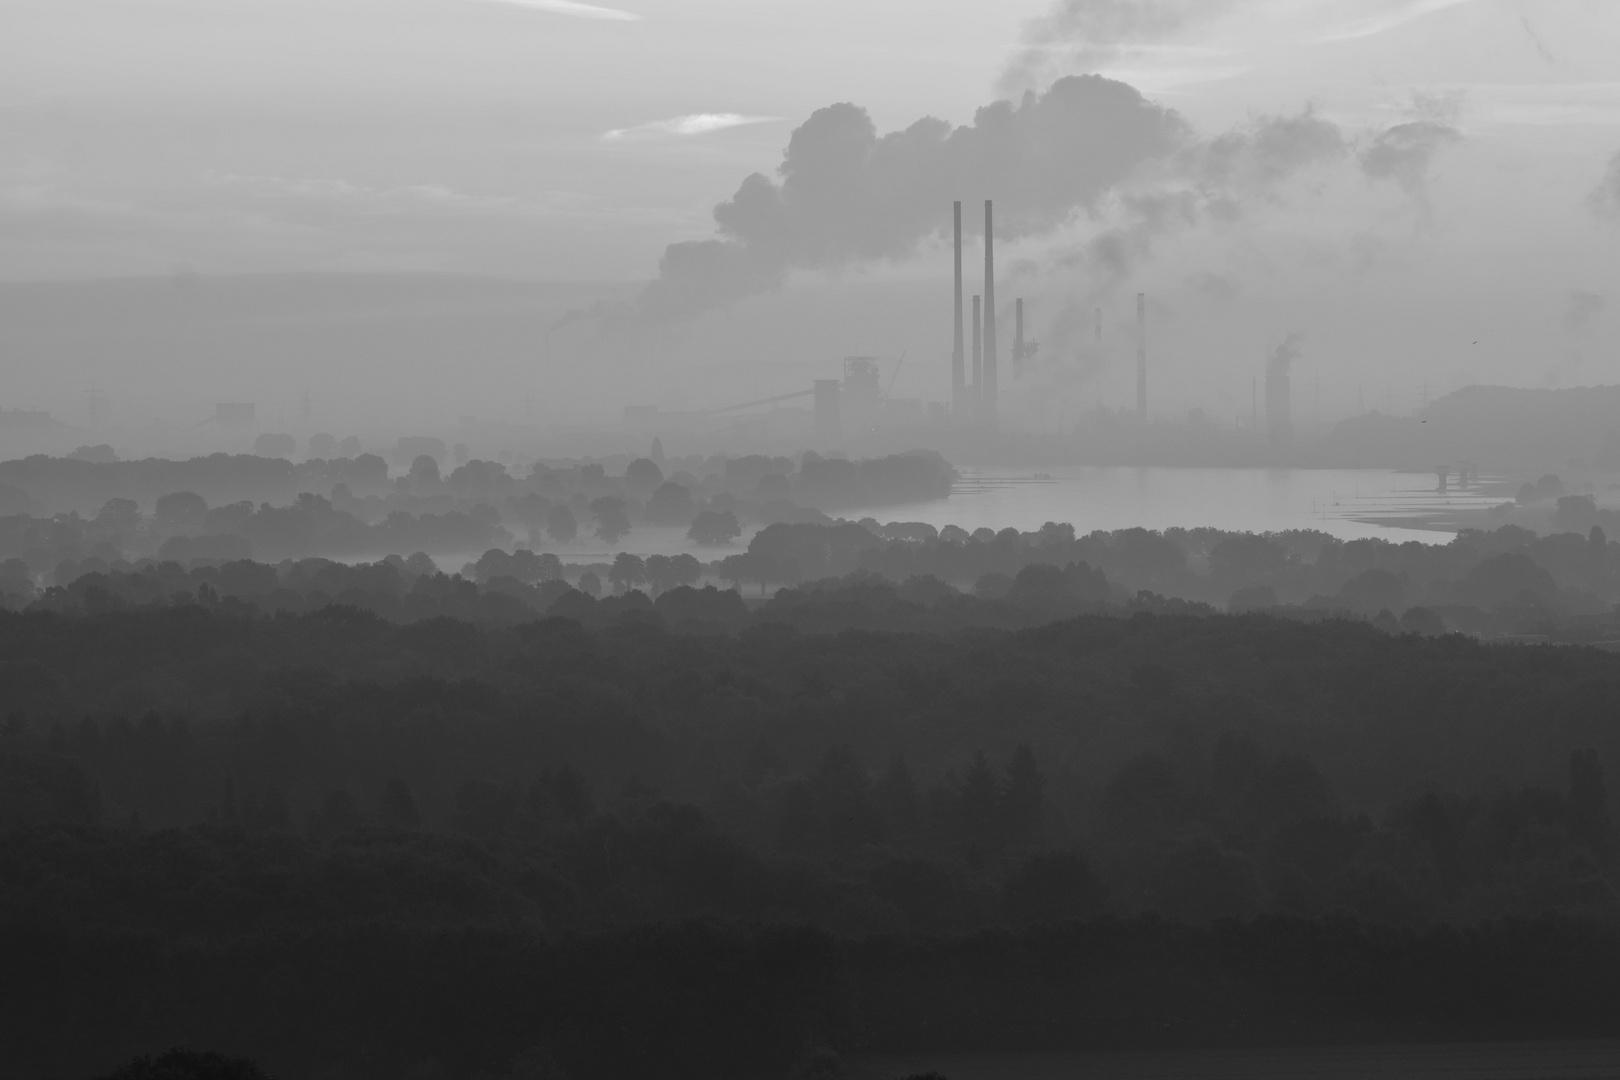 Der Rhein bei Duisburg Baerl am Morgen